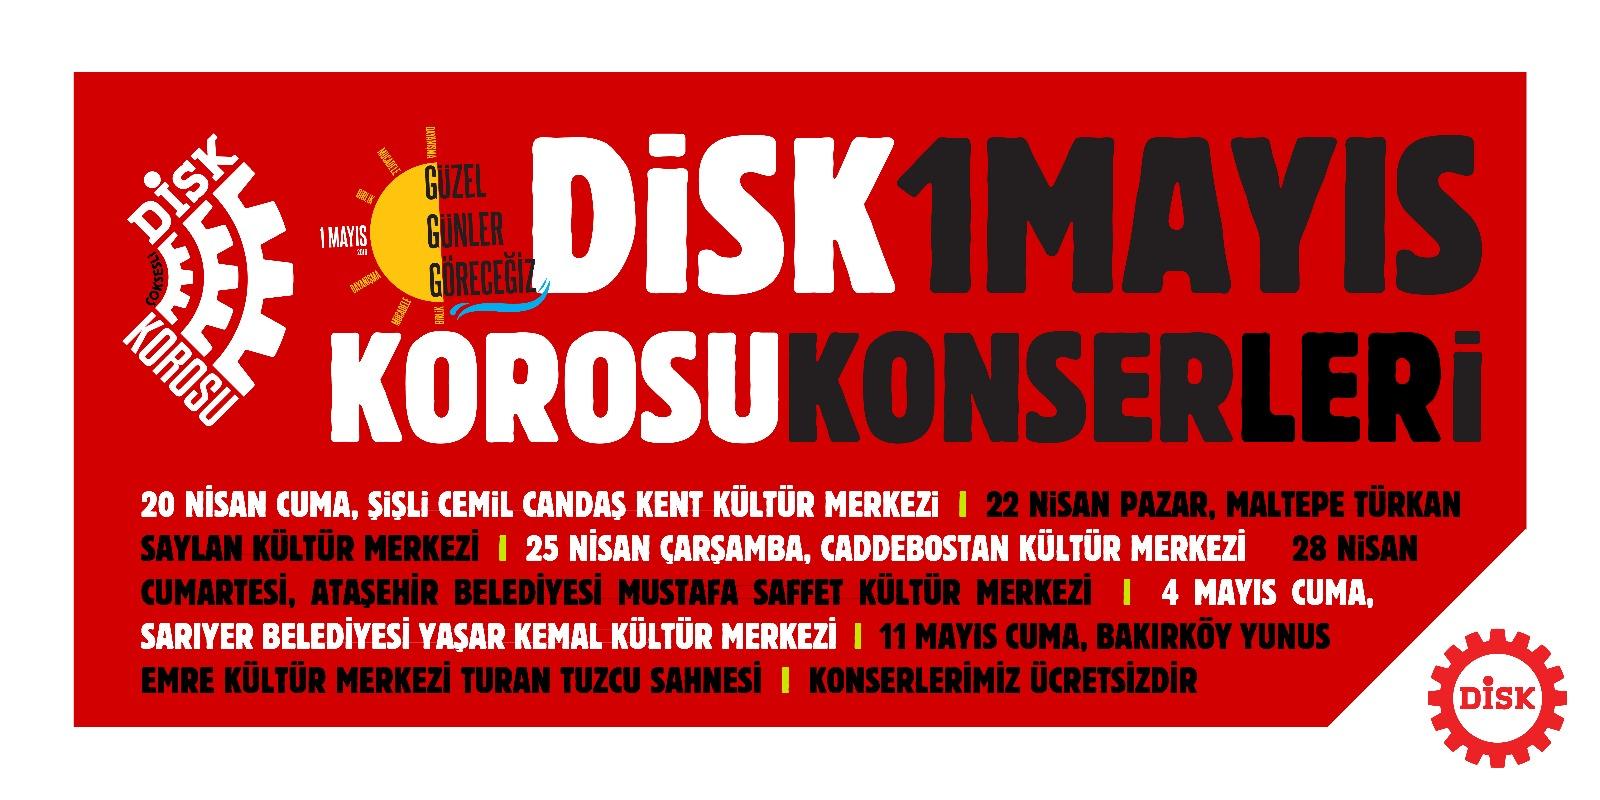 DİSK Çoksesli Korosu Konserleri İstanbul'da Başladı